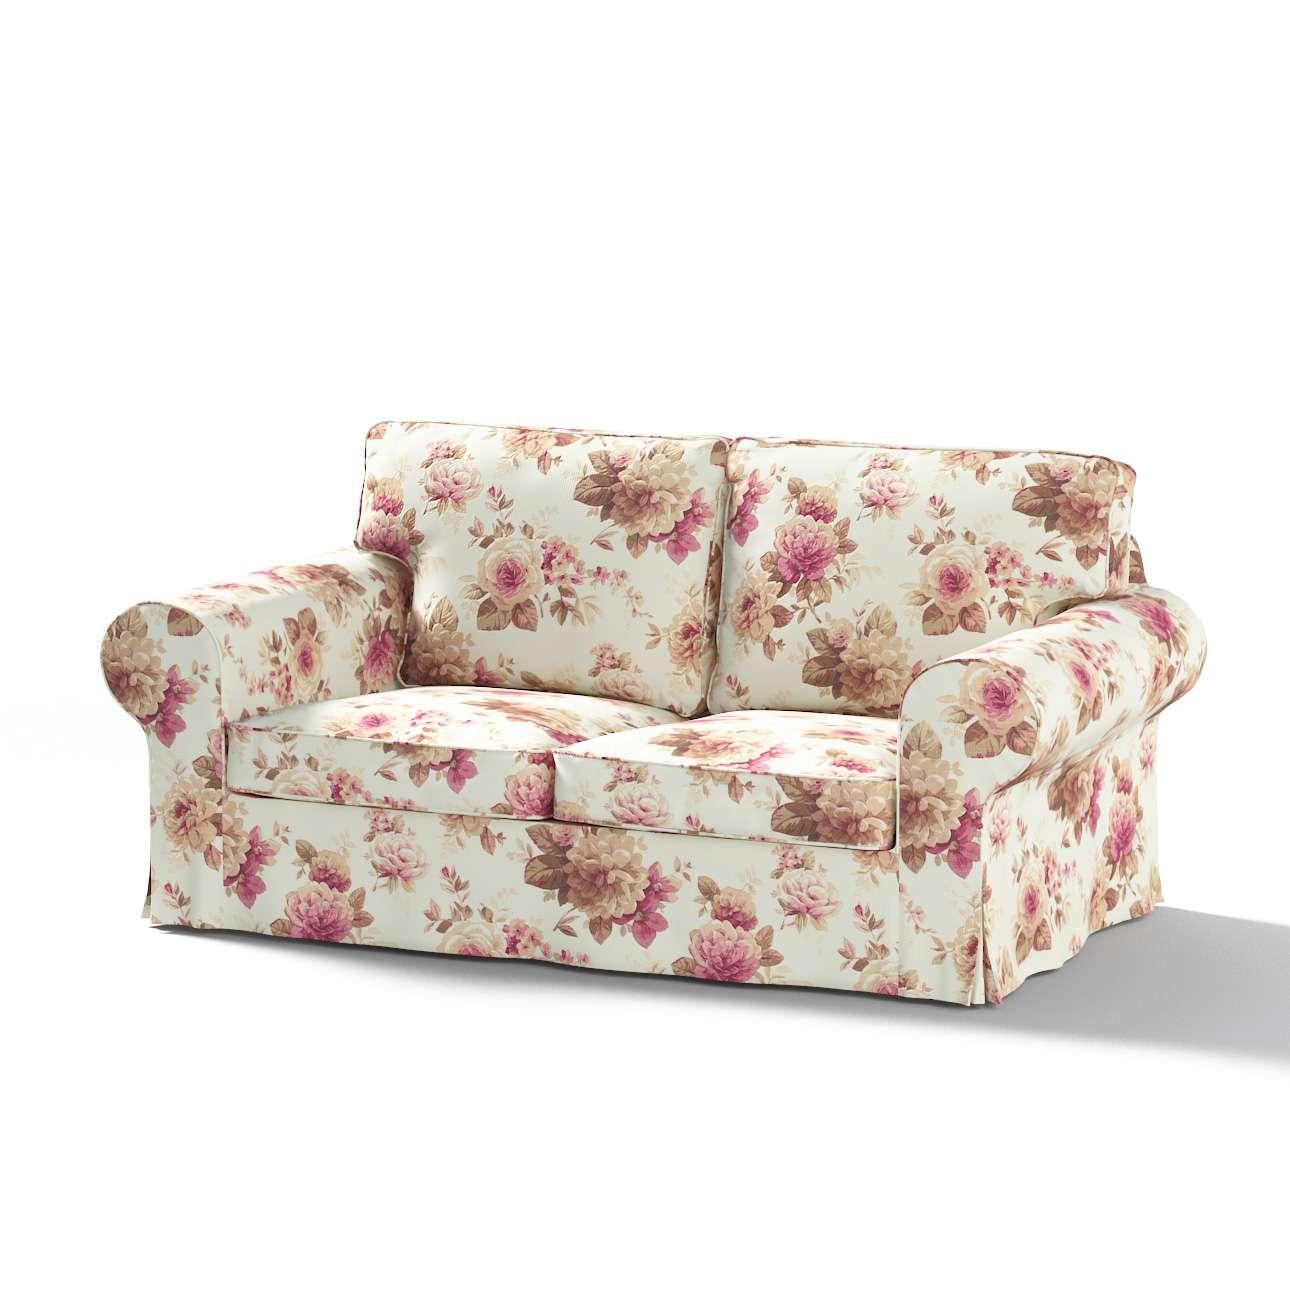 Ektorp 2-Sitzer Sofabezug nicht ausklappbar Sofabezug für  Ektorp 2-Sitzer nicht ausklappbar von der Kollektion Mirella, Stoff: 141-06